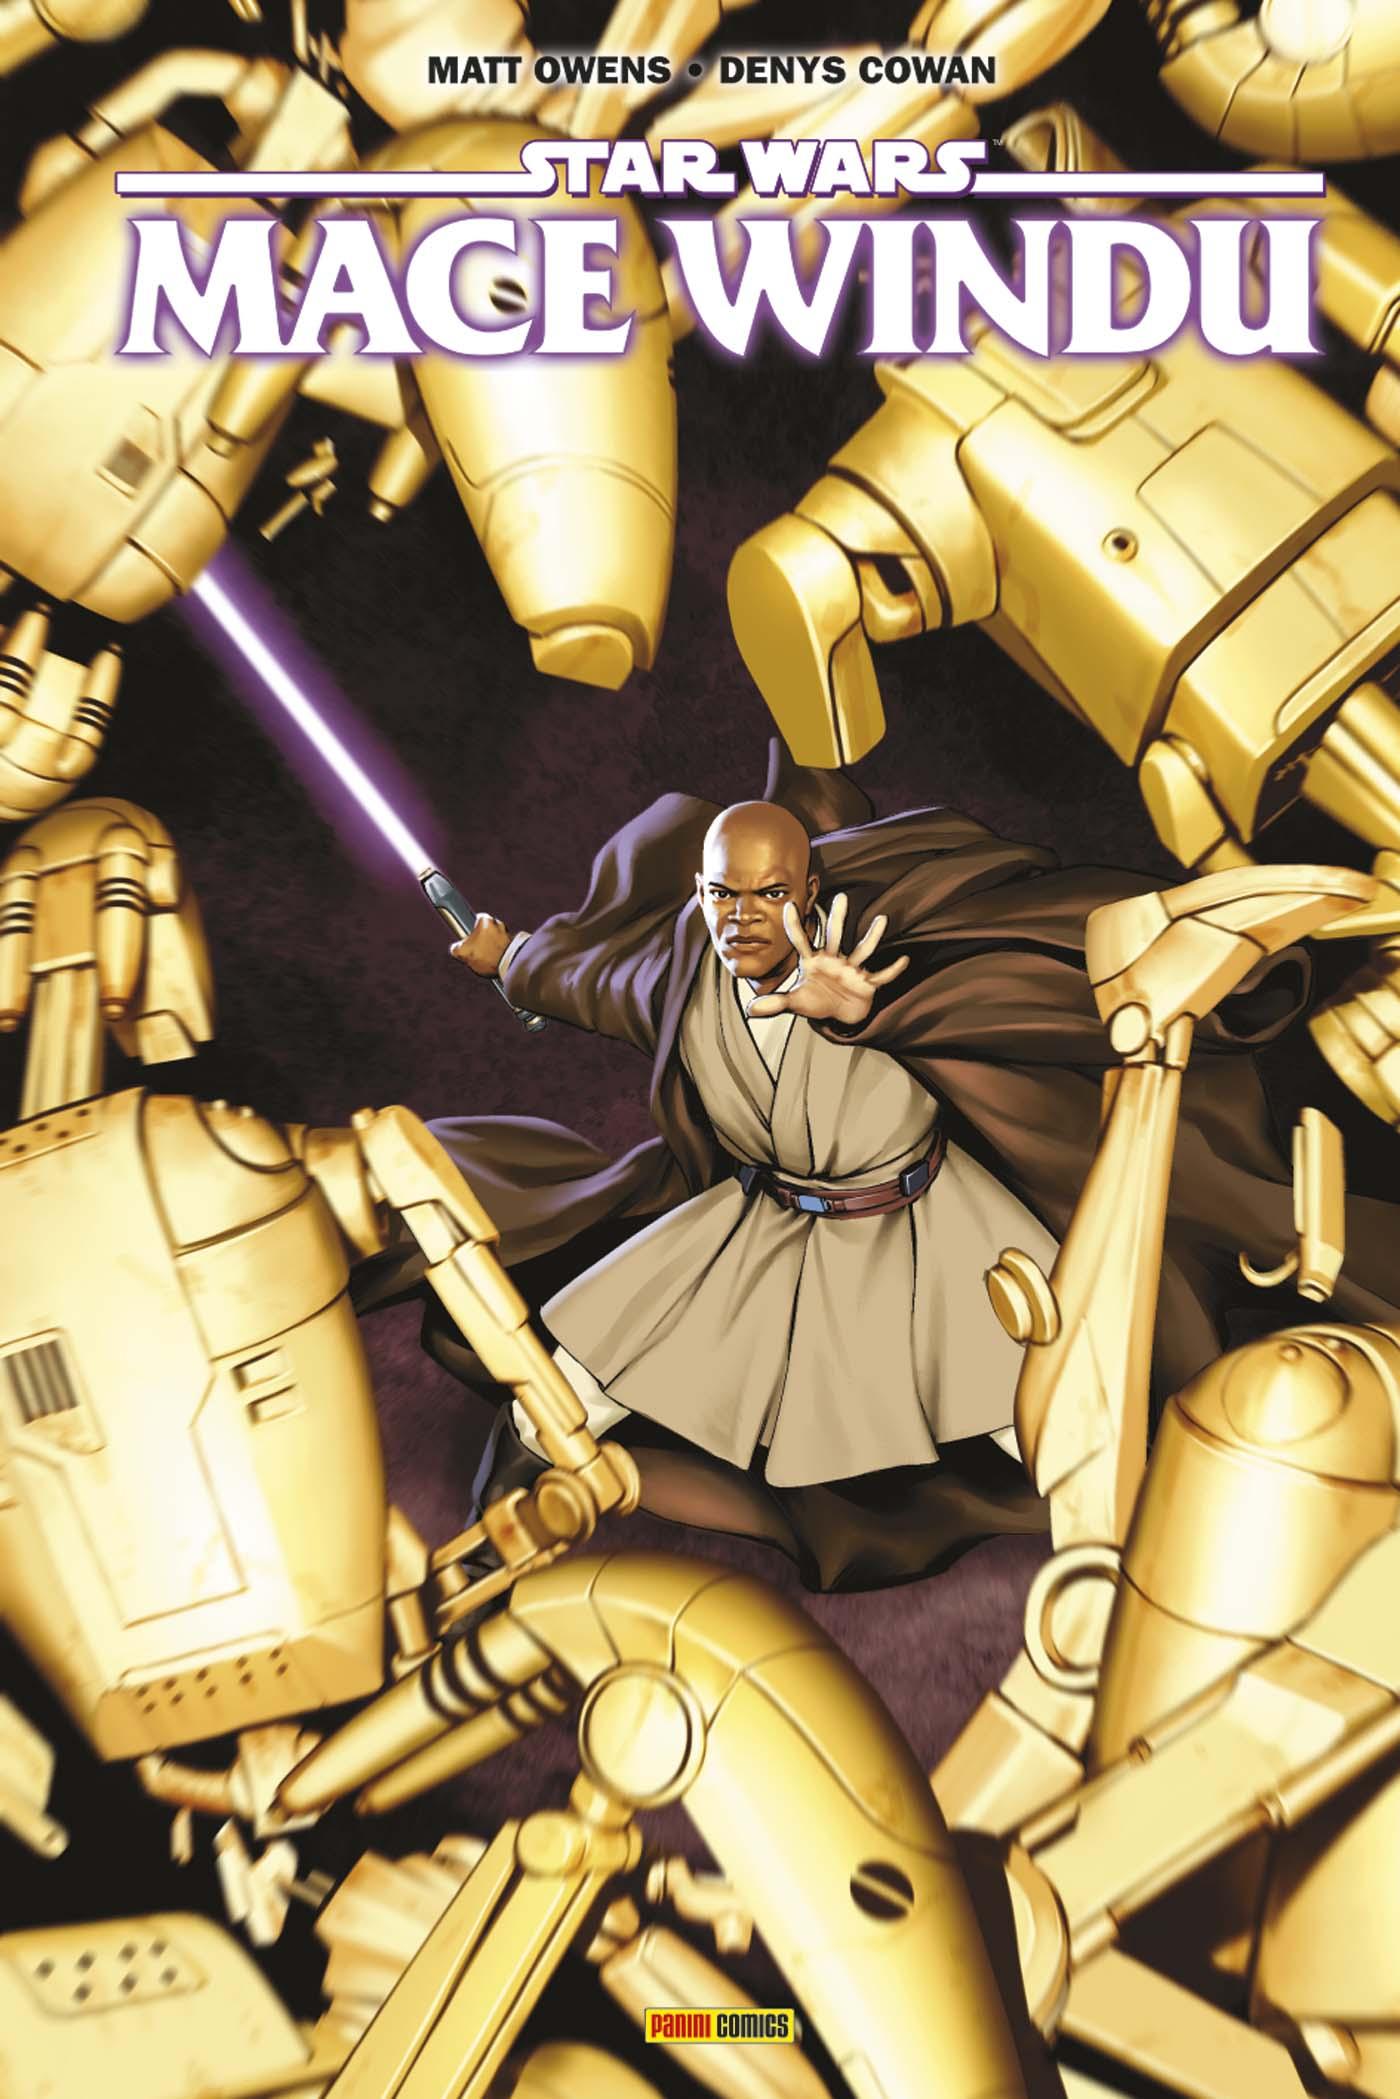 Star Wars - Jedi of the Republic - Mace Windu 1 - Mace Windu